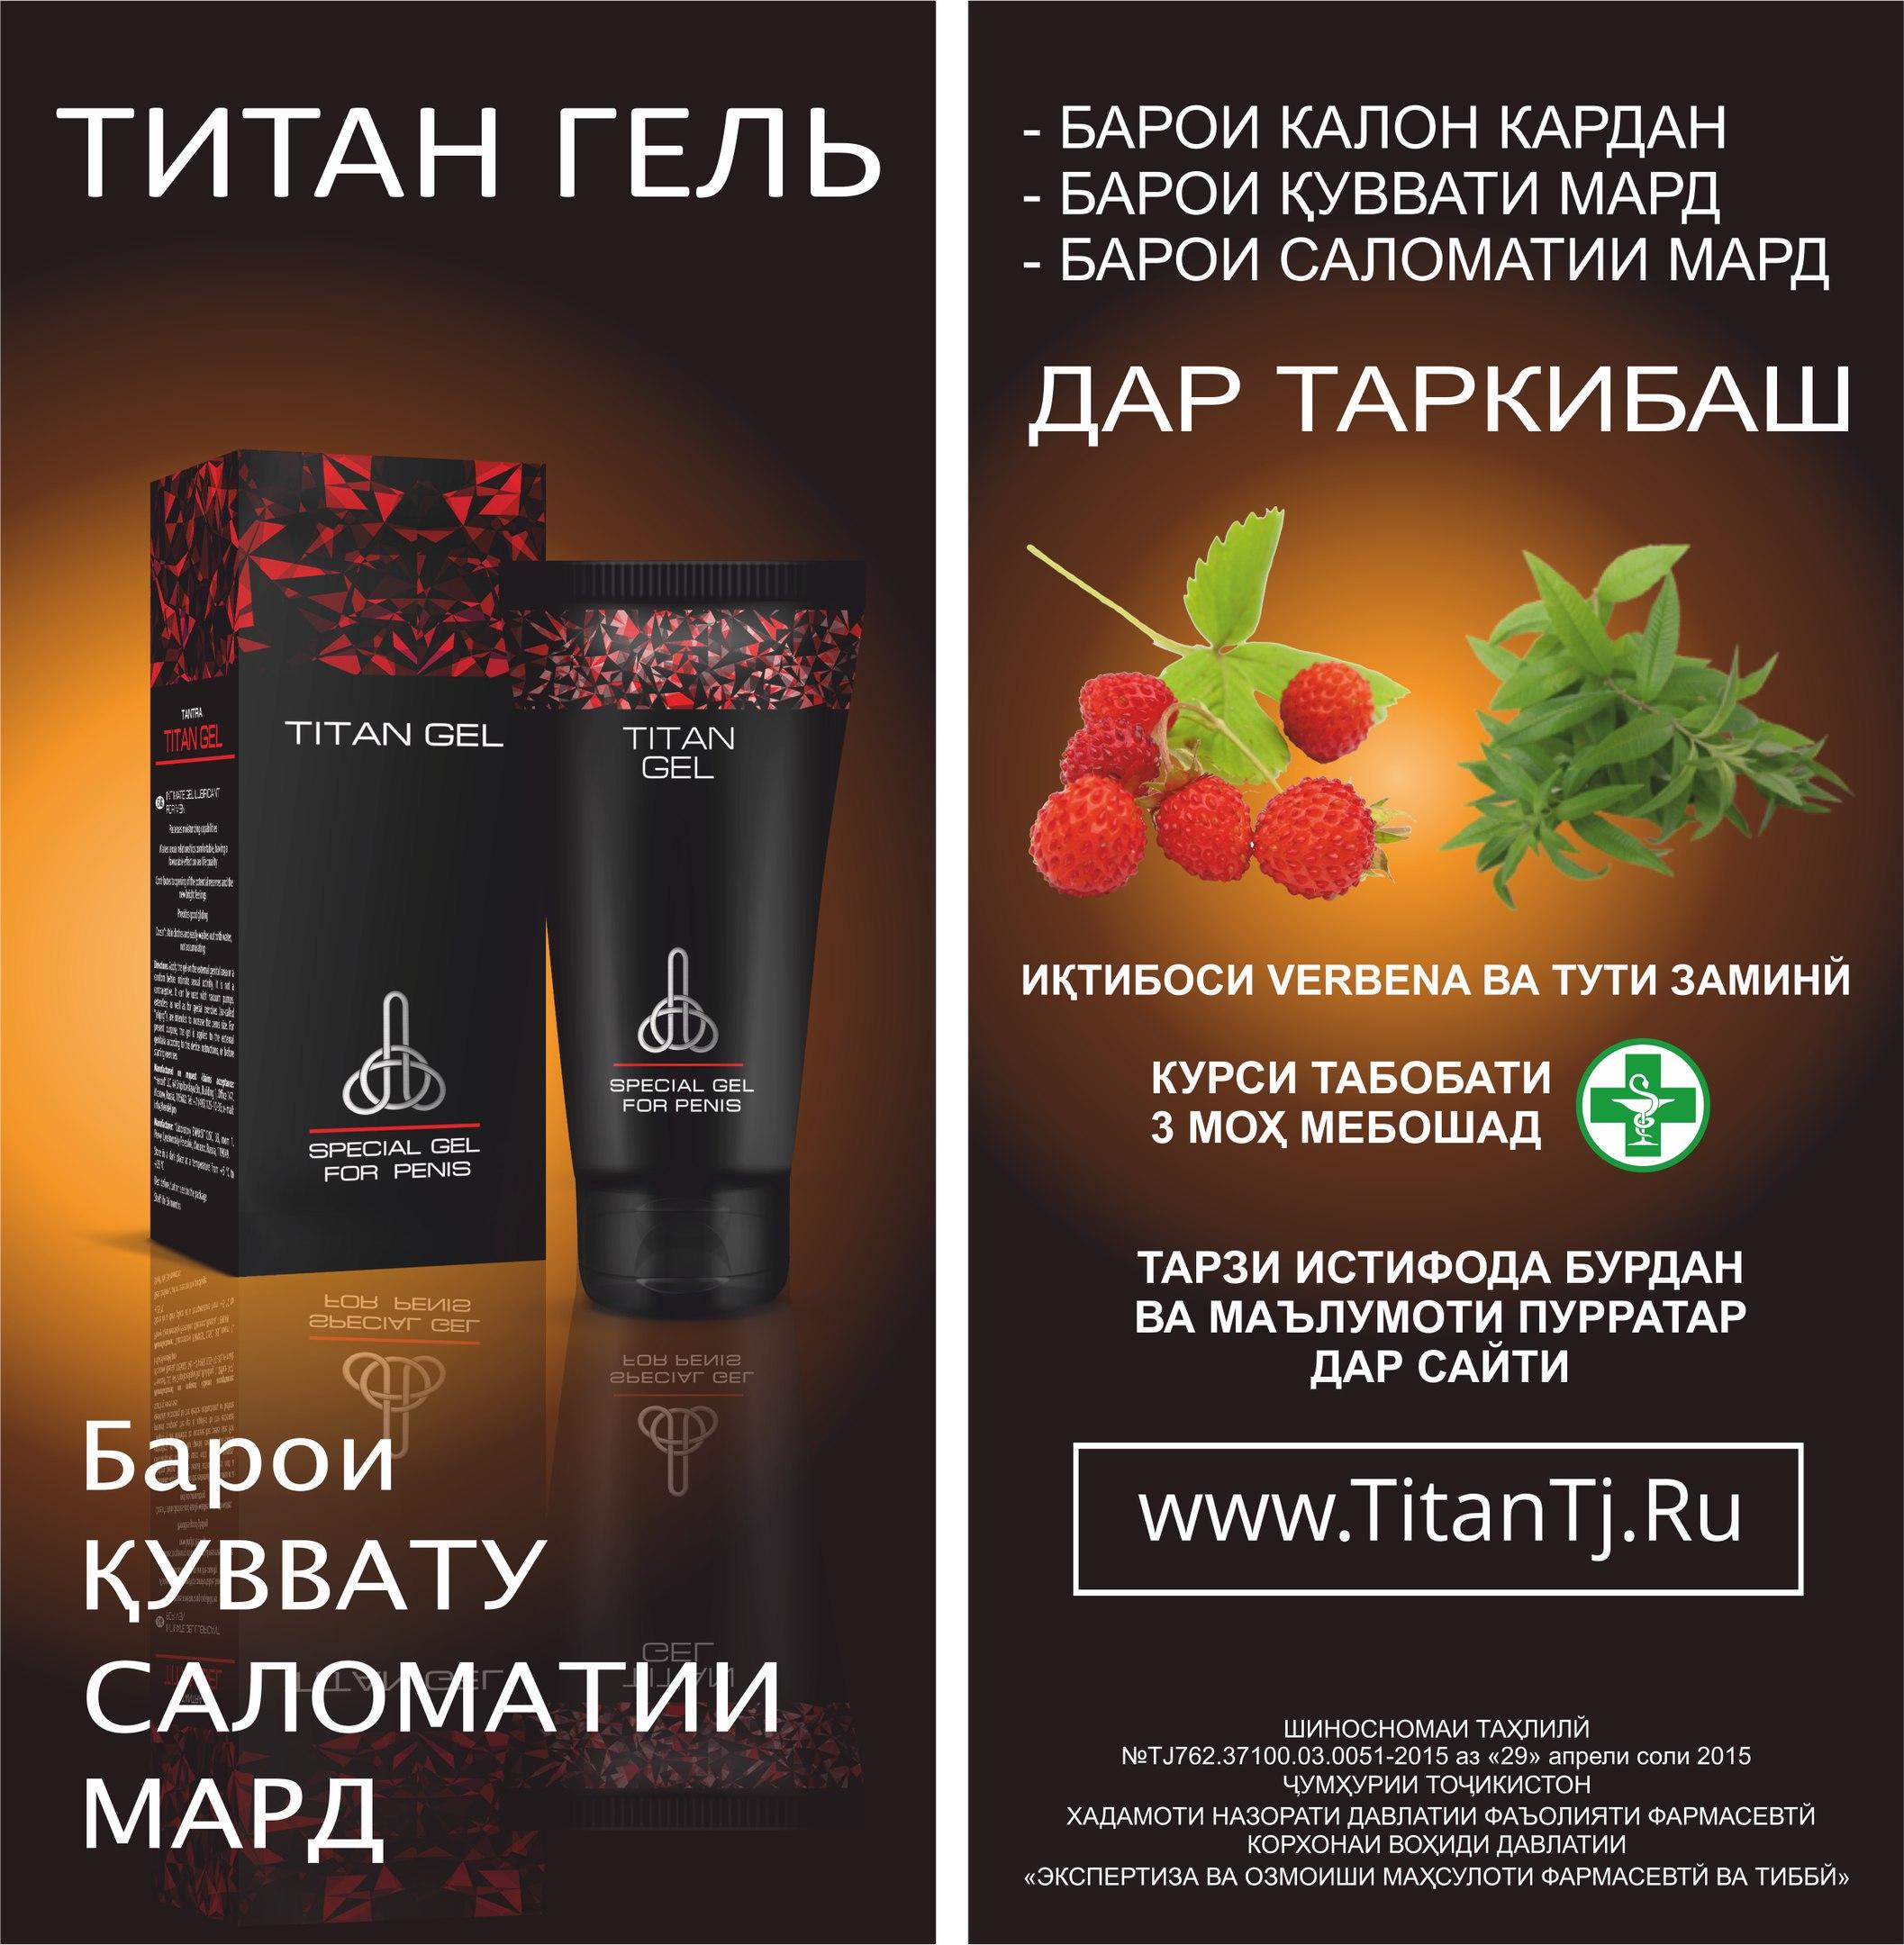 Упаковка TITAN ГЕЛЬ Таджикистан